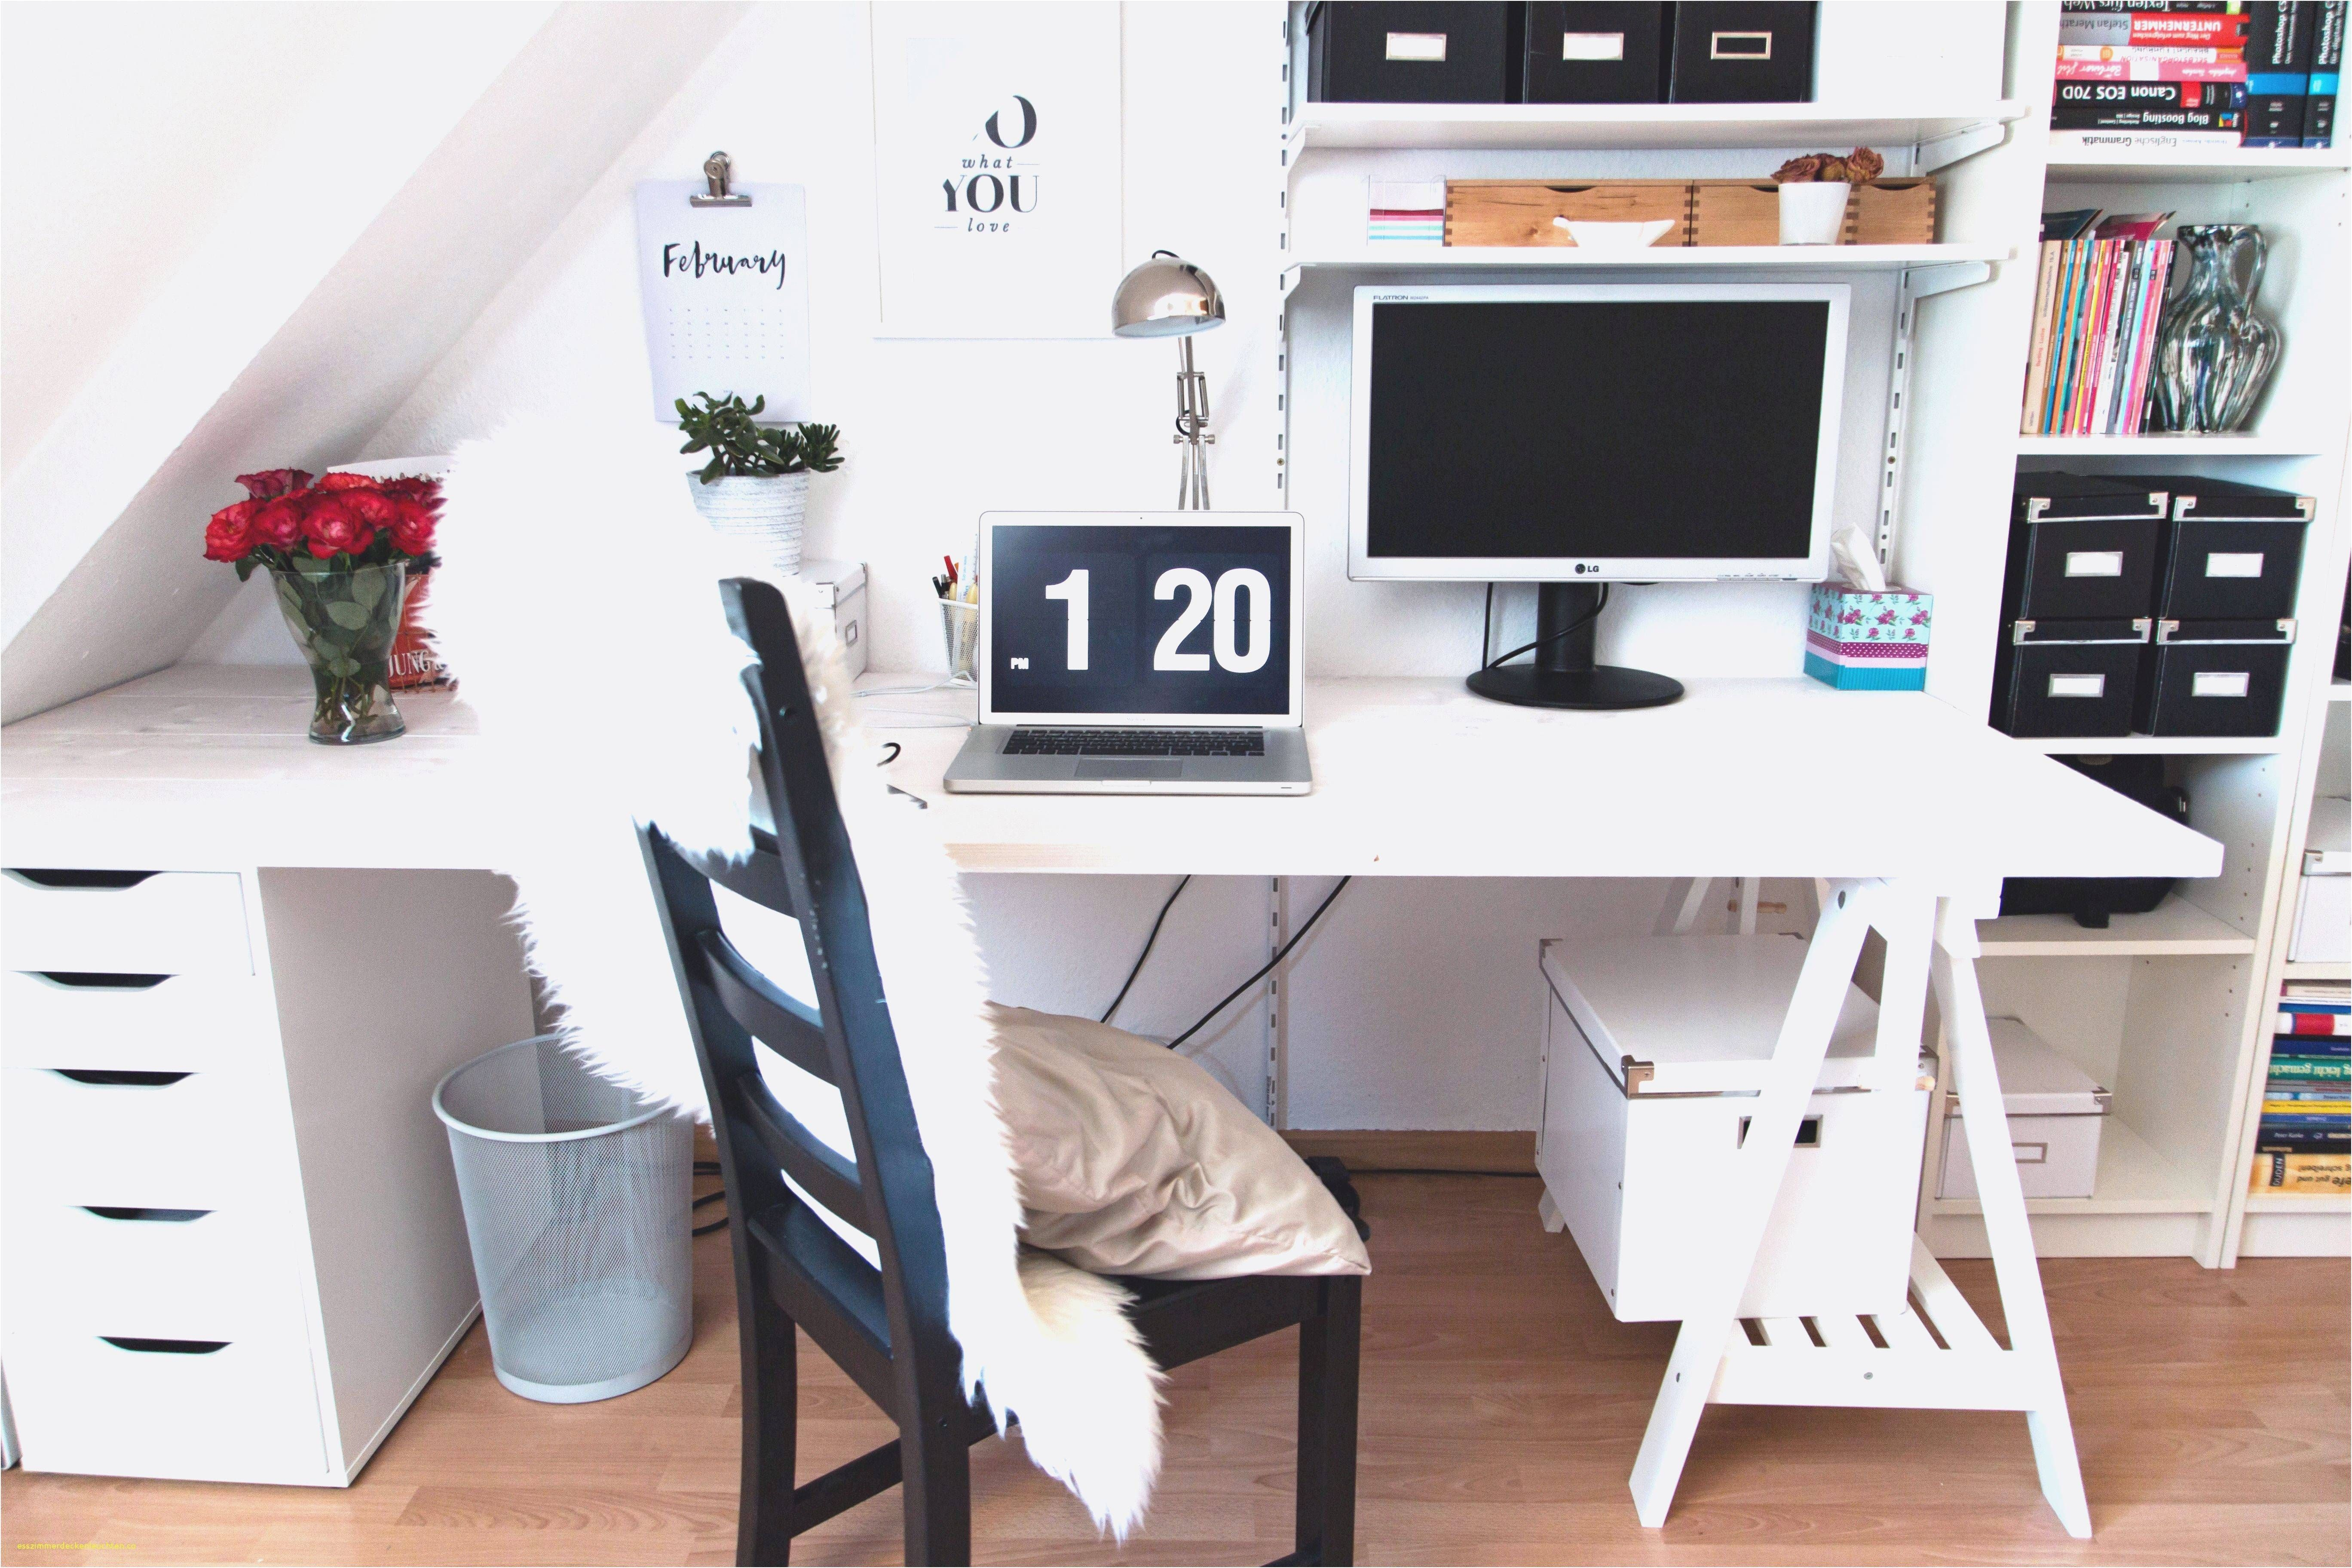 Kleines Kinderzimmer Planen Home, Home office furniture